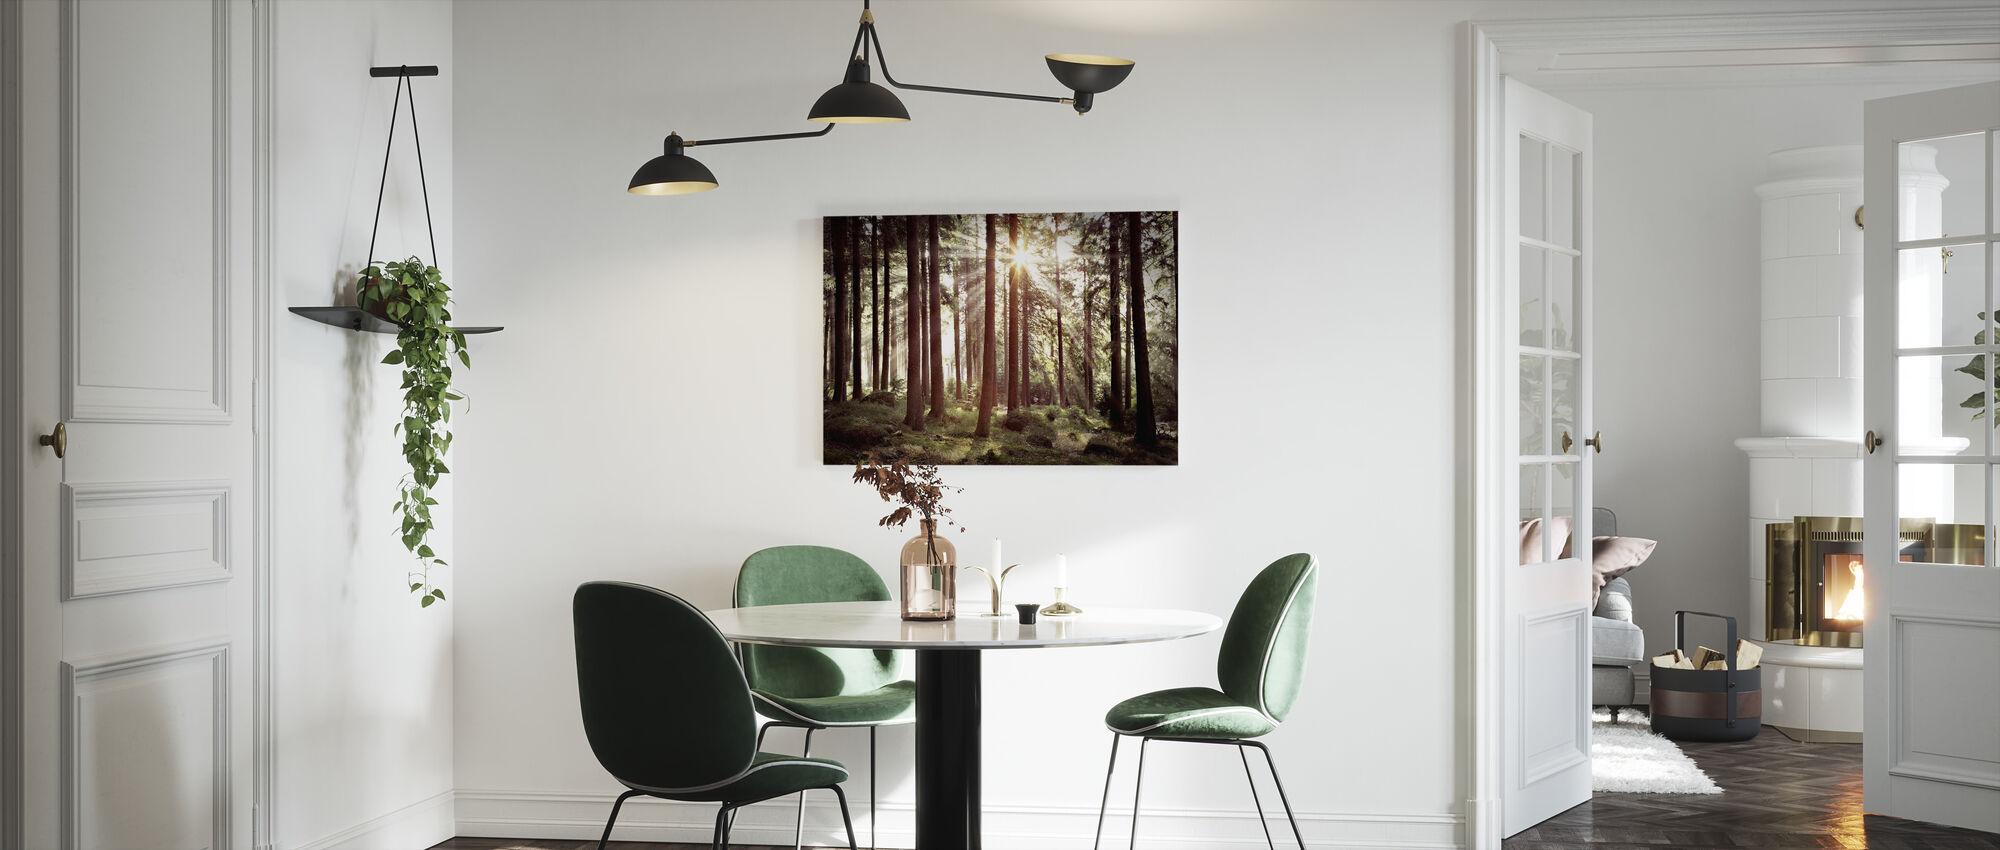 Solstrålen gennem træer - Retro - Billede på lærred - Køkken